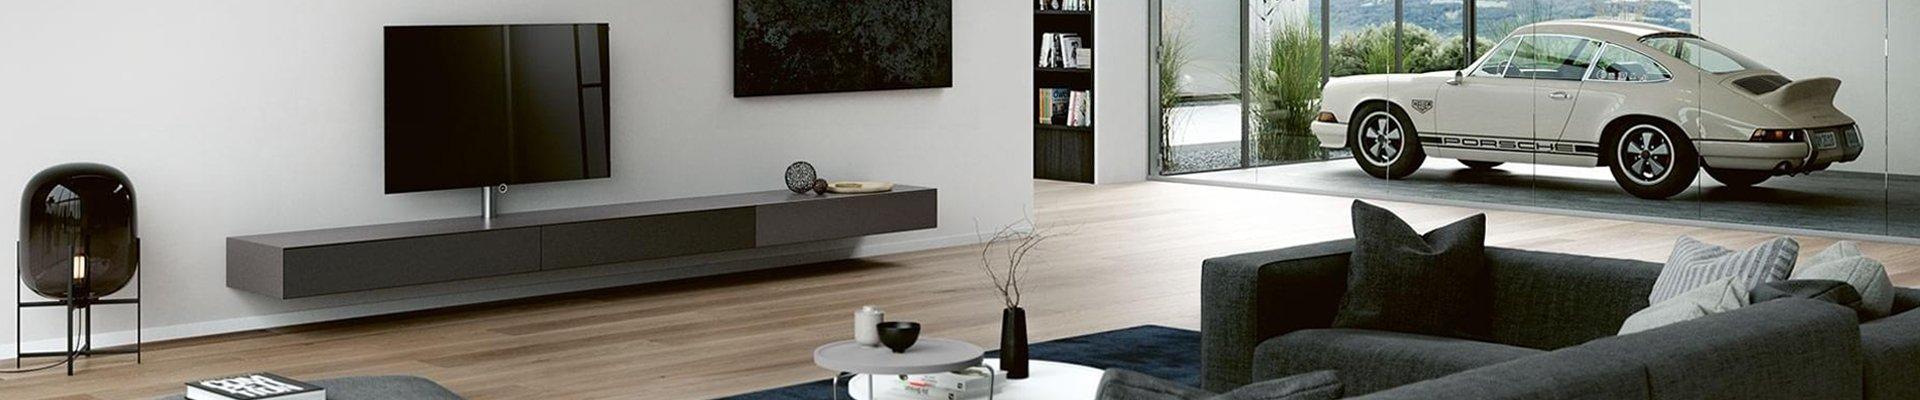 Spectral-Smart-Furniture